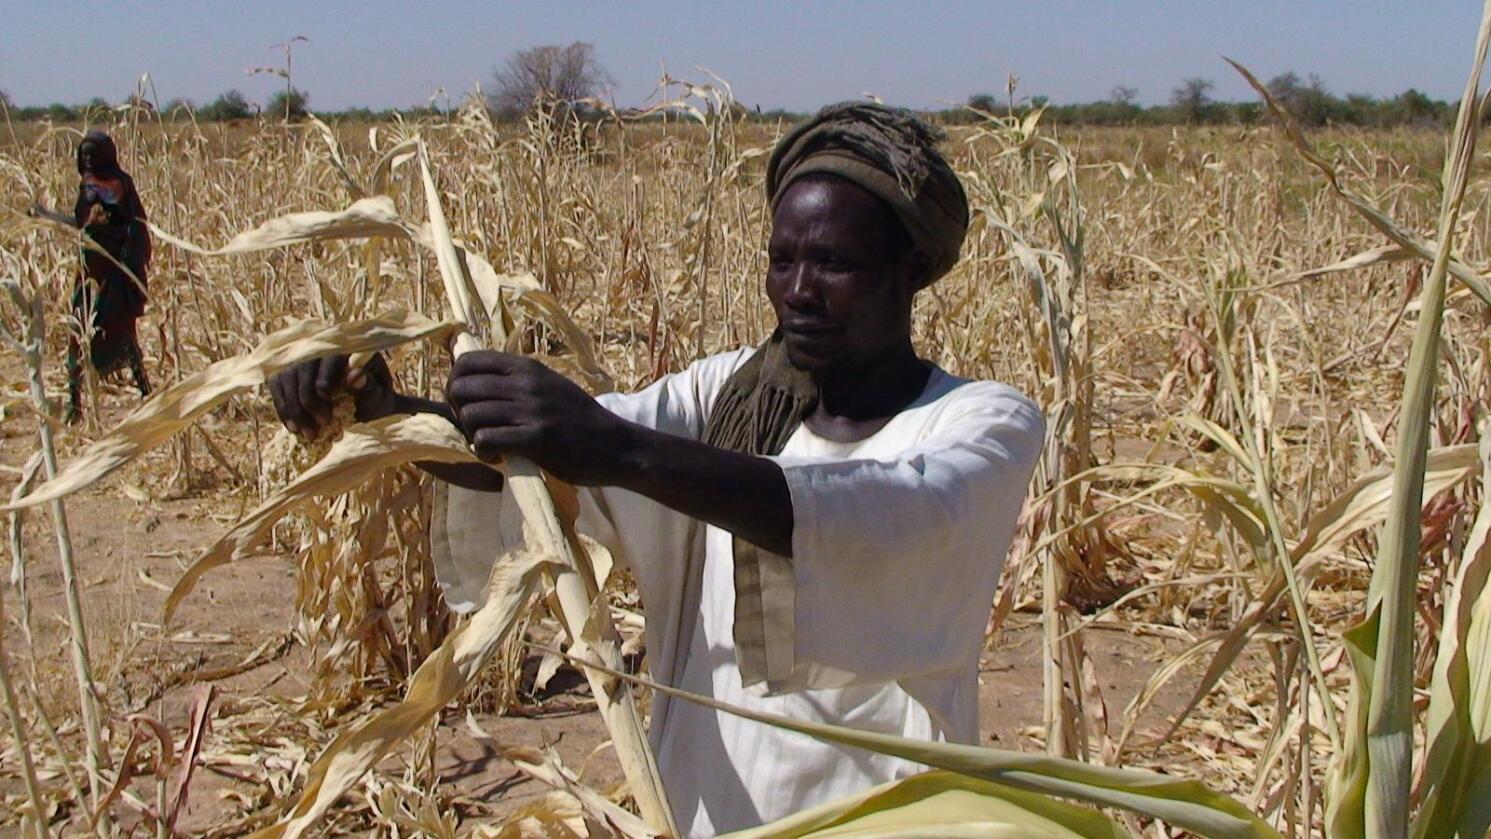 Avlingssvikt: Tørke, som hos Goutrane Saleh i Tsjad, presser matlagre og destabiliserer markedet Norge er avhengig av. Foto: Irina Fuhrmann/Oxfam.